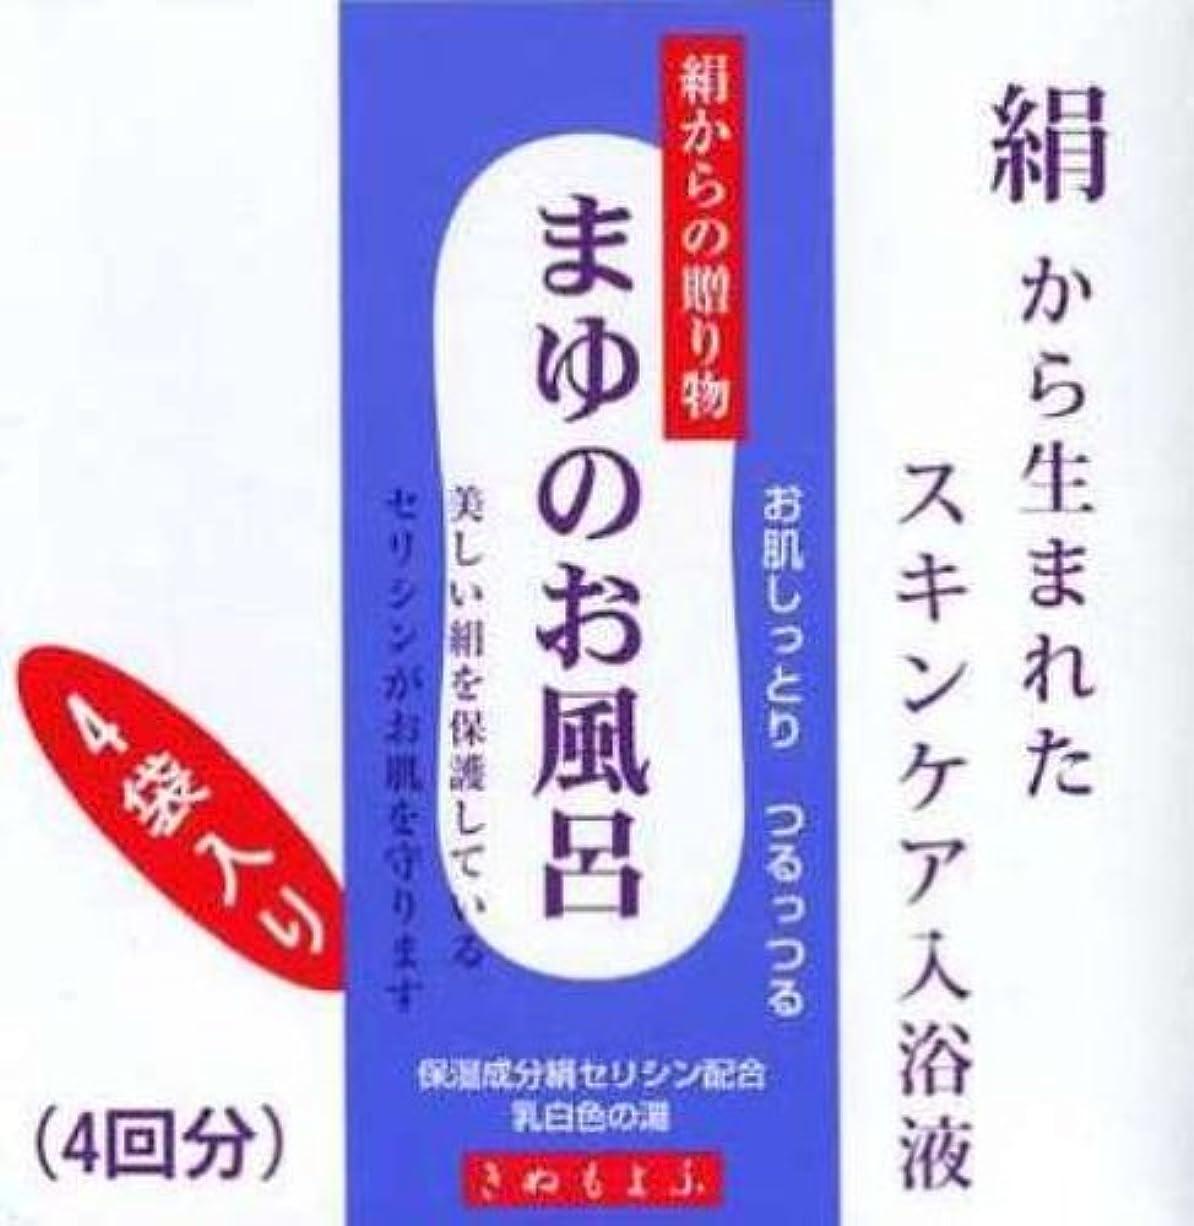 ロードハウス手がかり猟犬まゆシリーズ きぬもよふ まゆのお風呂 25ml(1回分×4袋)